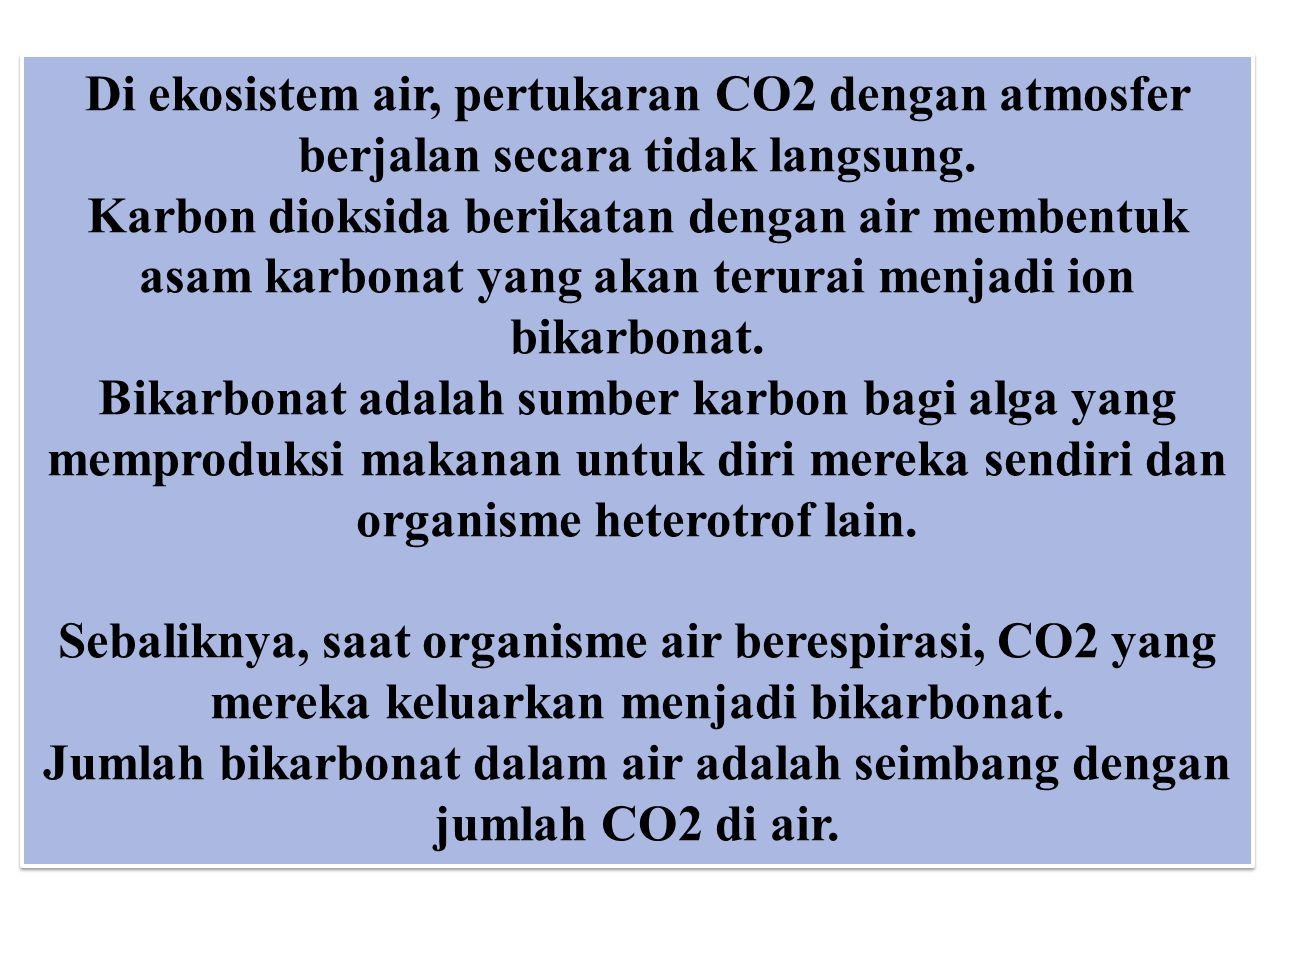 Jumlah bikarbonat dalam air adalah seimbang dengan jumlah CO2 di air.